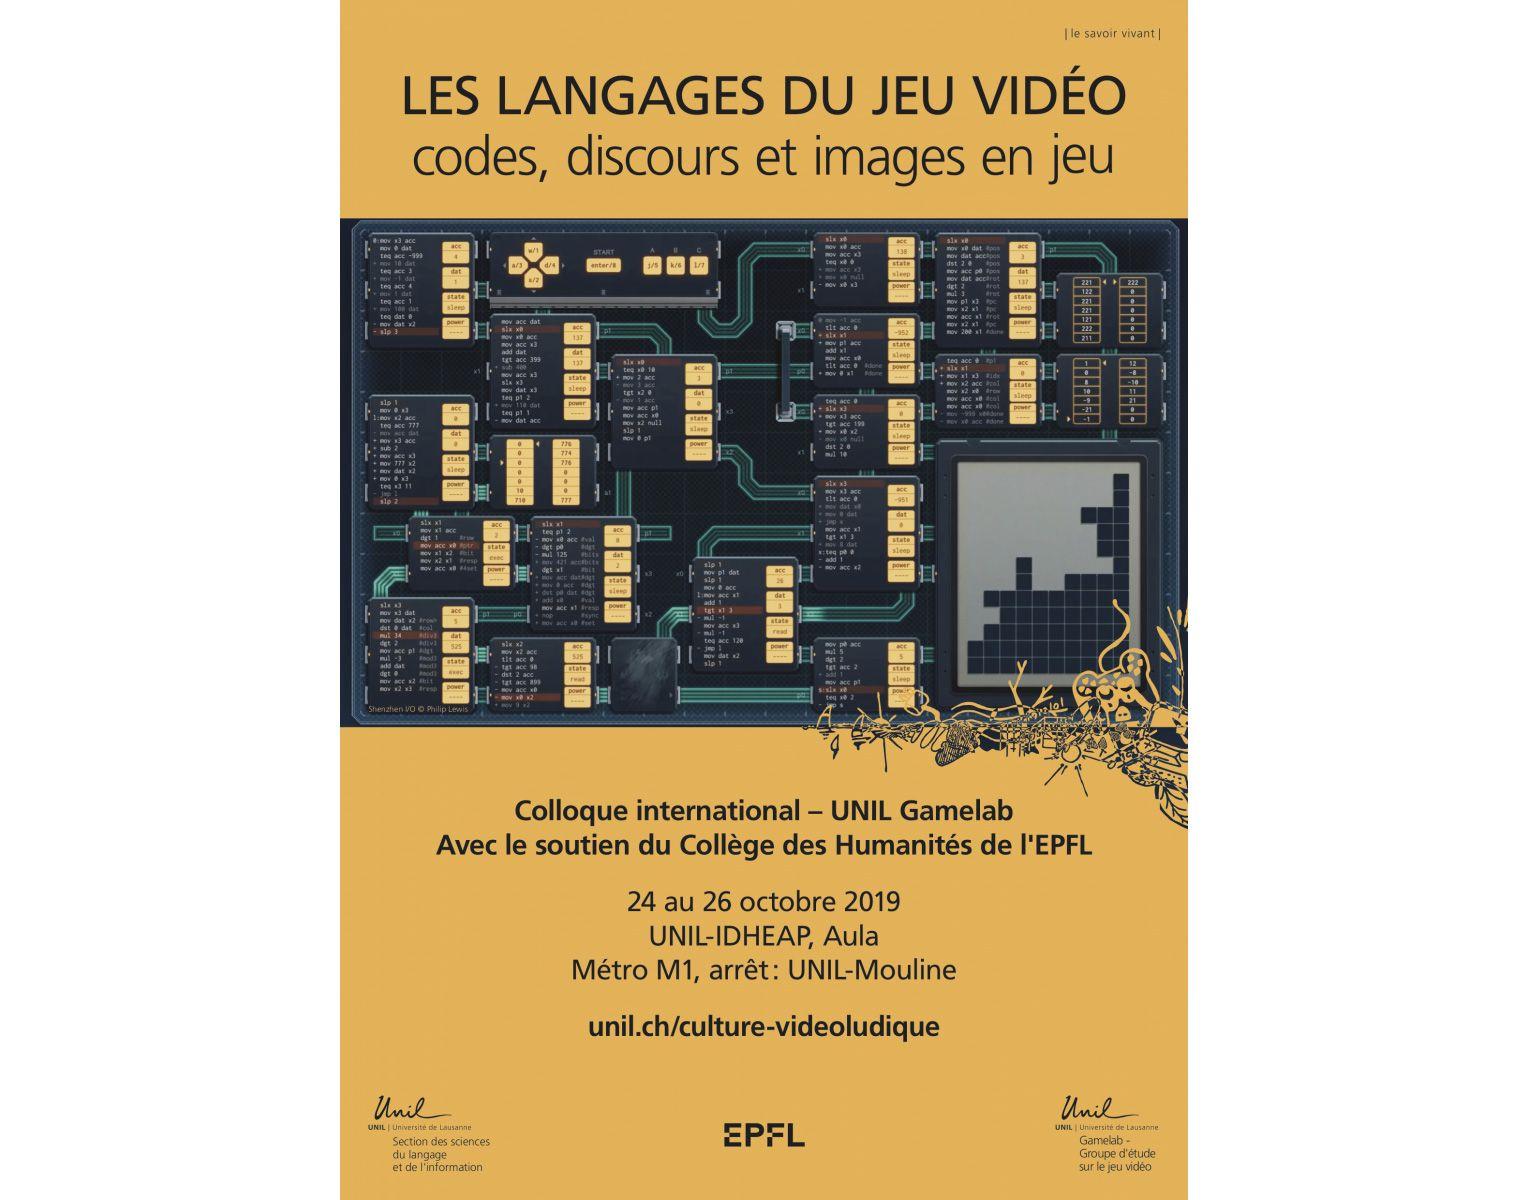 Affiche du colloque - Les langages du jeu vidéo : codes, discours et images en jeu.